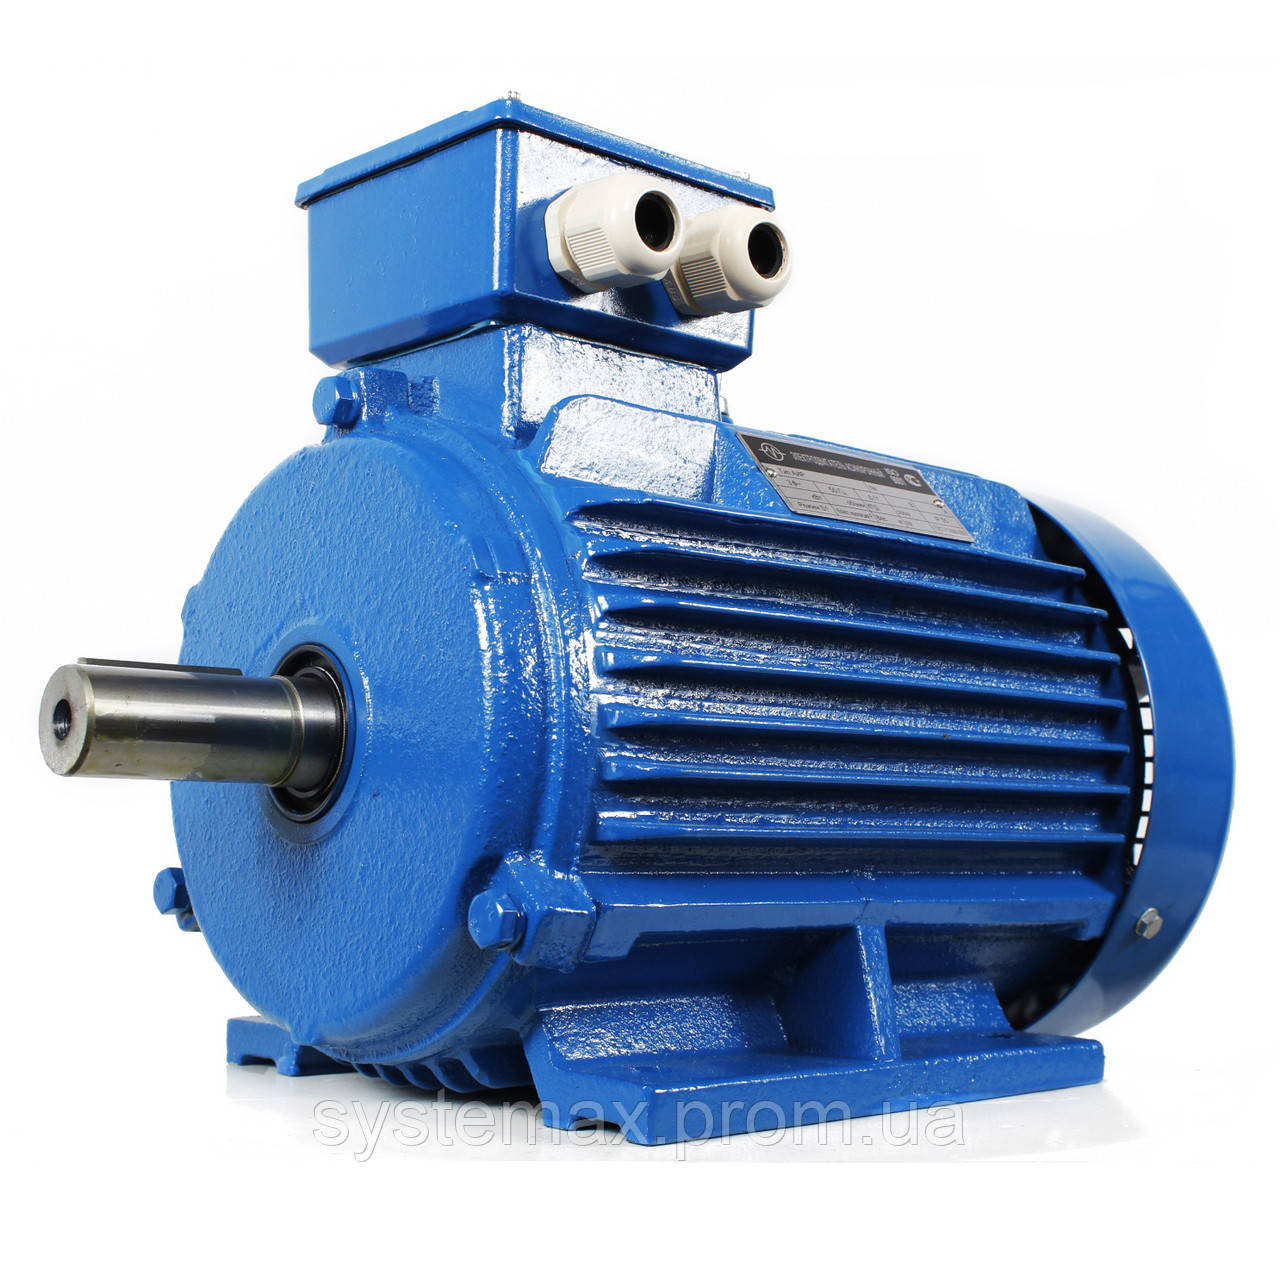 Электродвигатель АИР280М8 (АИР 280 М8) 75 кВт 750 об/мин